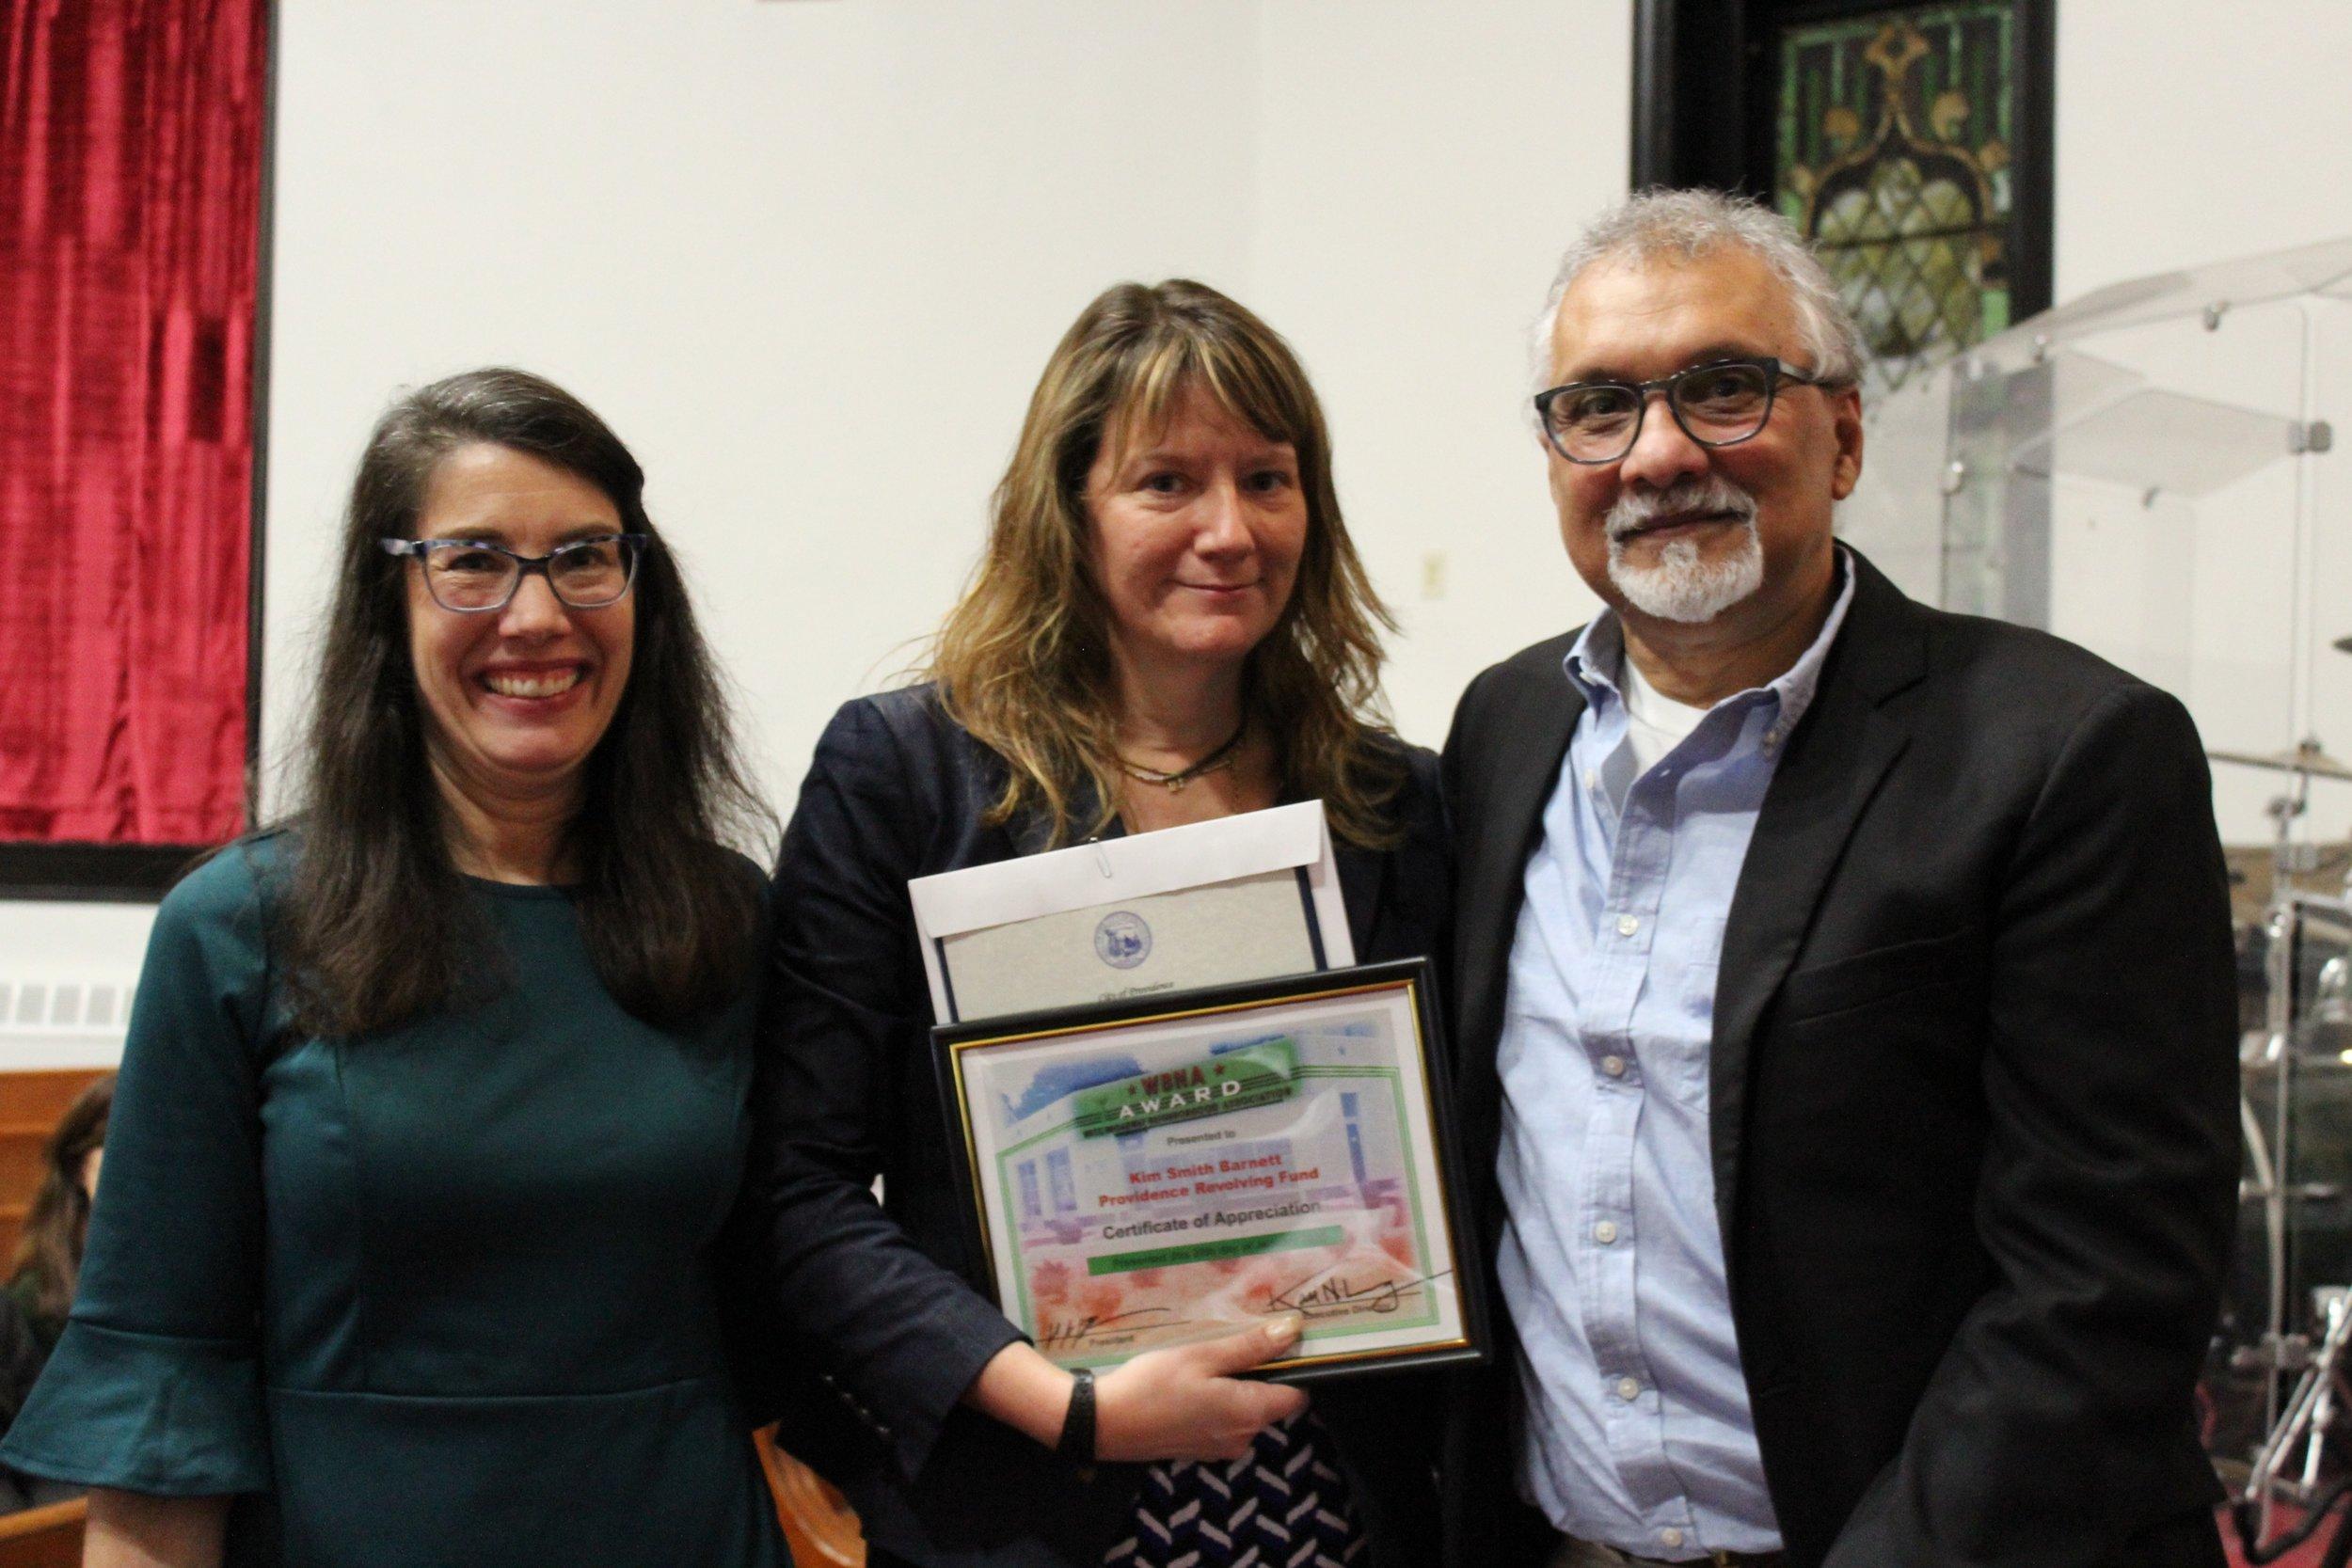 Certificate of Recognition Award: Kim Smith Barnett